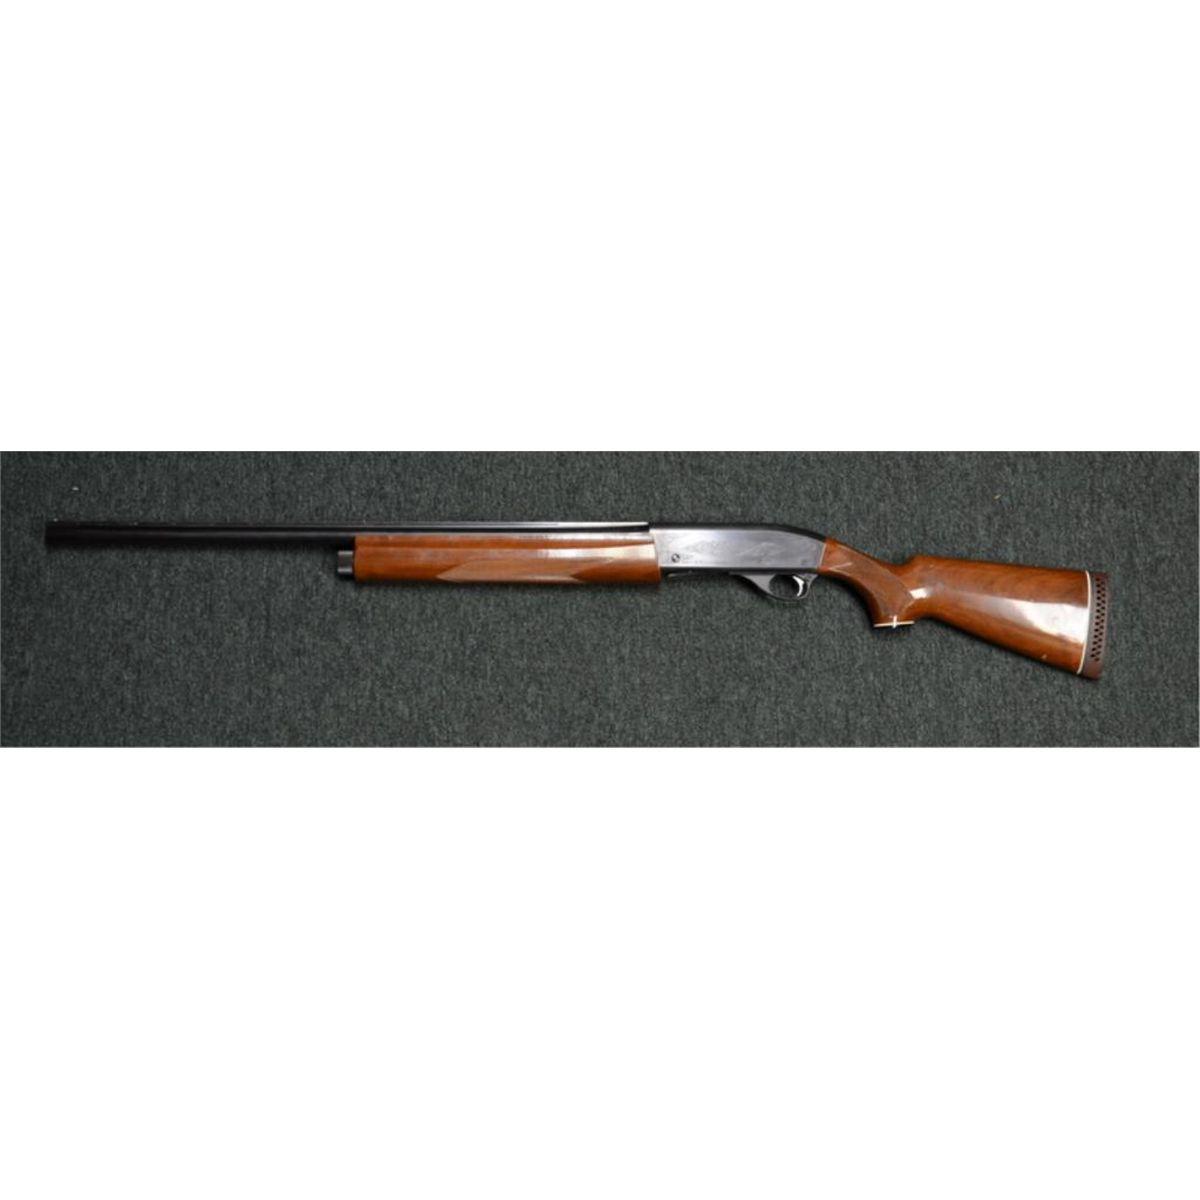 Smith Wesson Model 1000 Super 12 Semi Auto Shotgun 12 Gauge